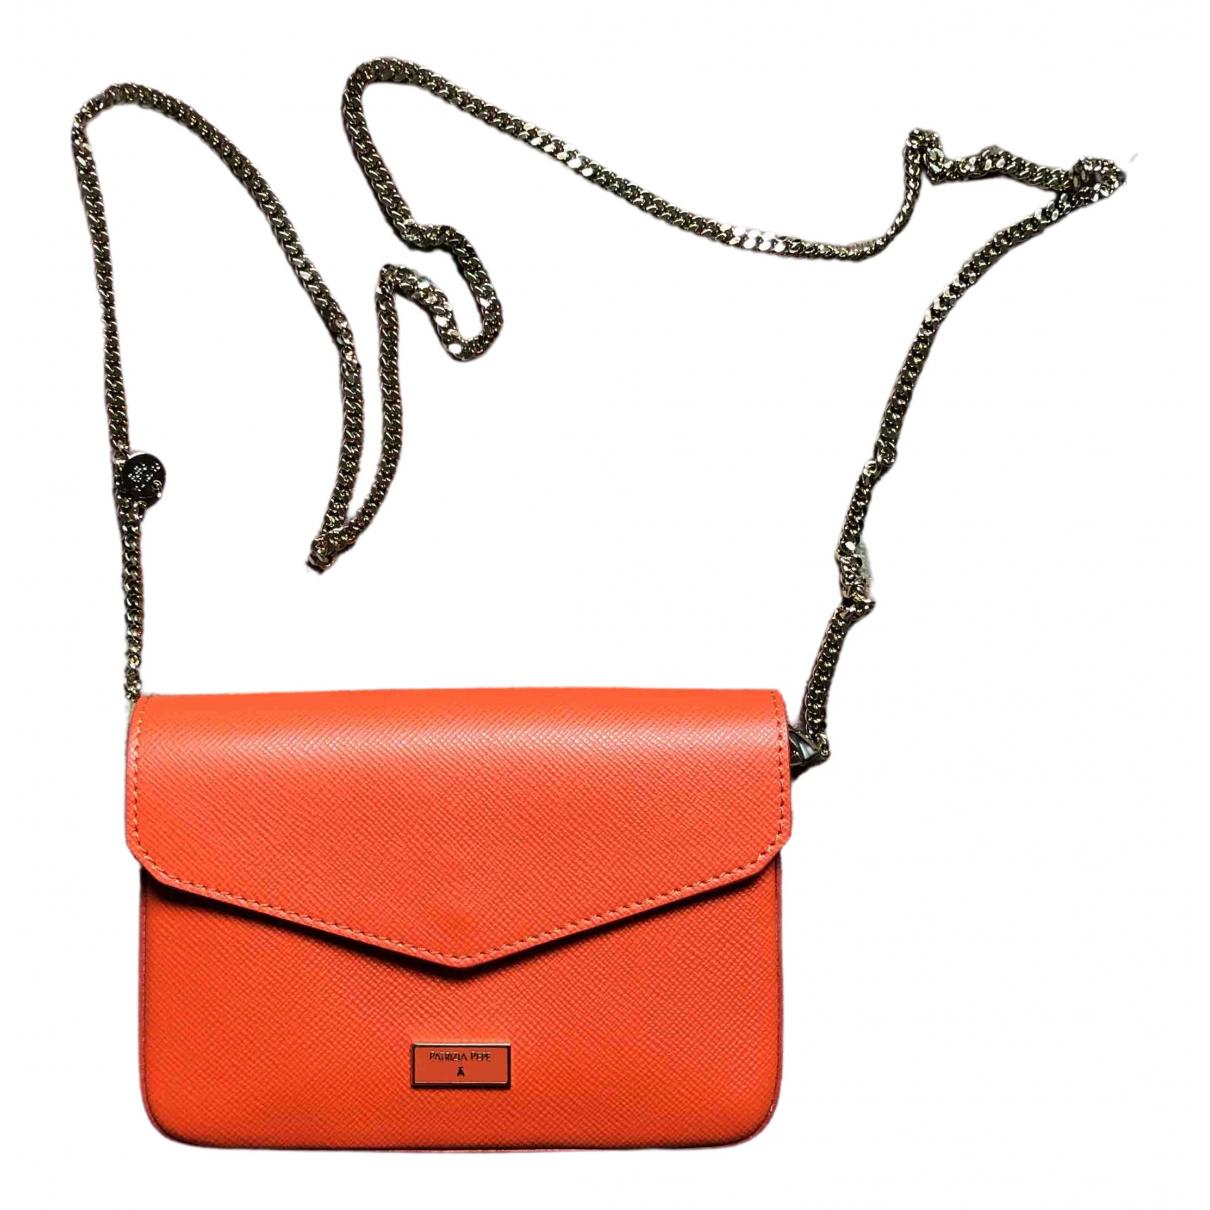 Patrizia Pepe \N Clutch in  Orange Leder